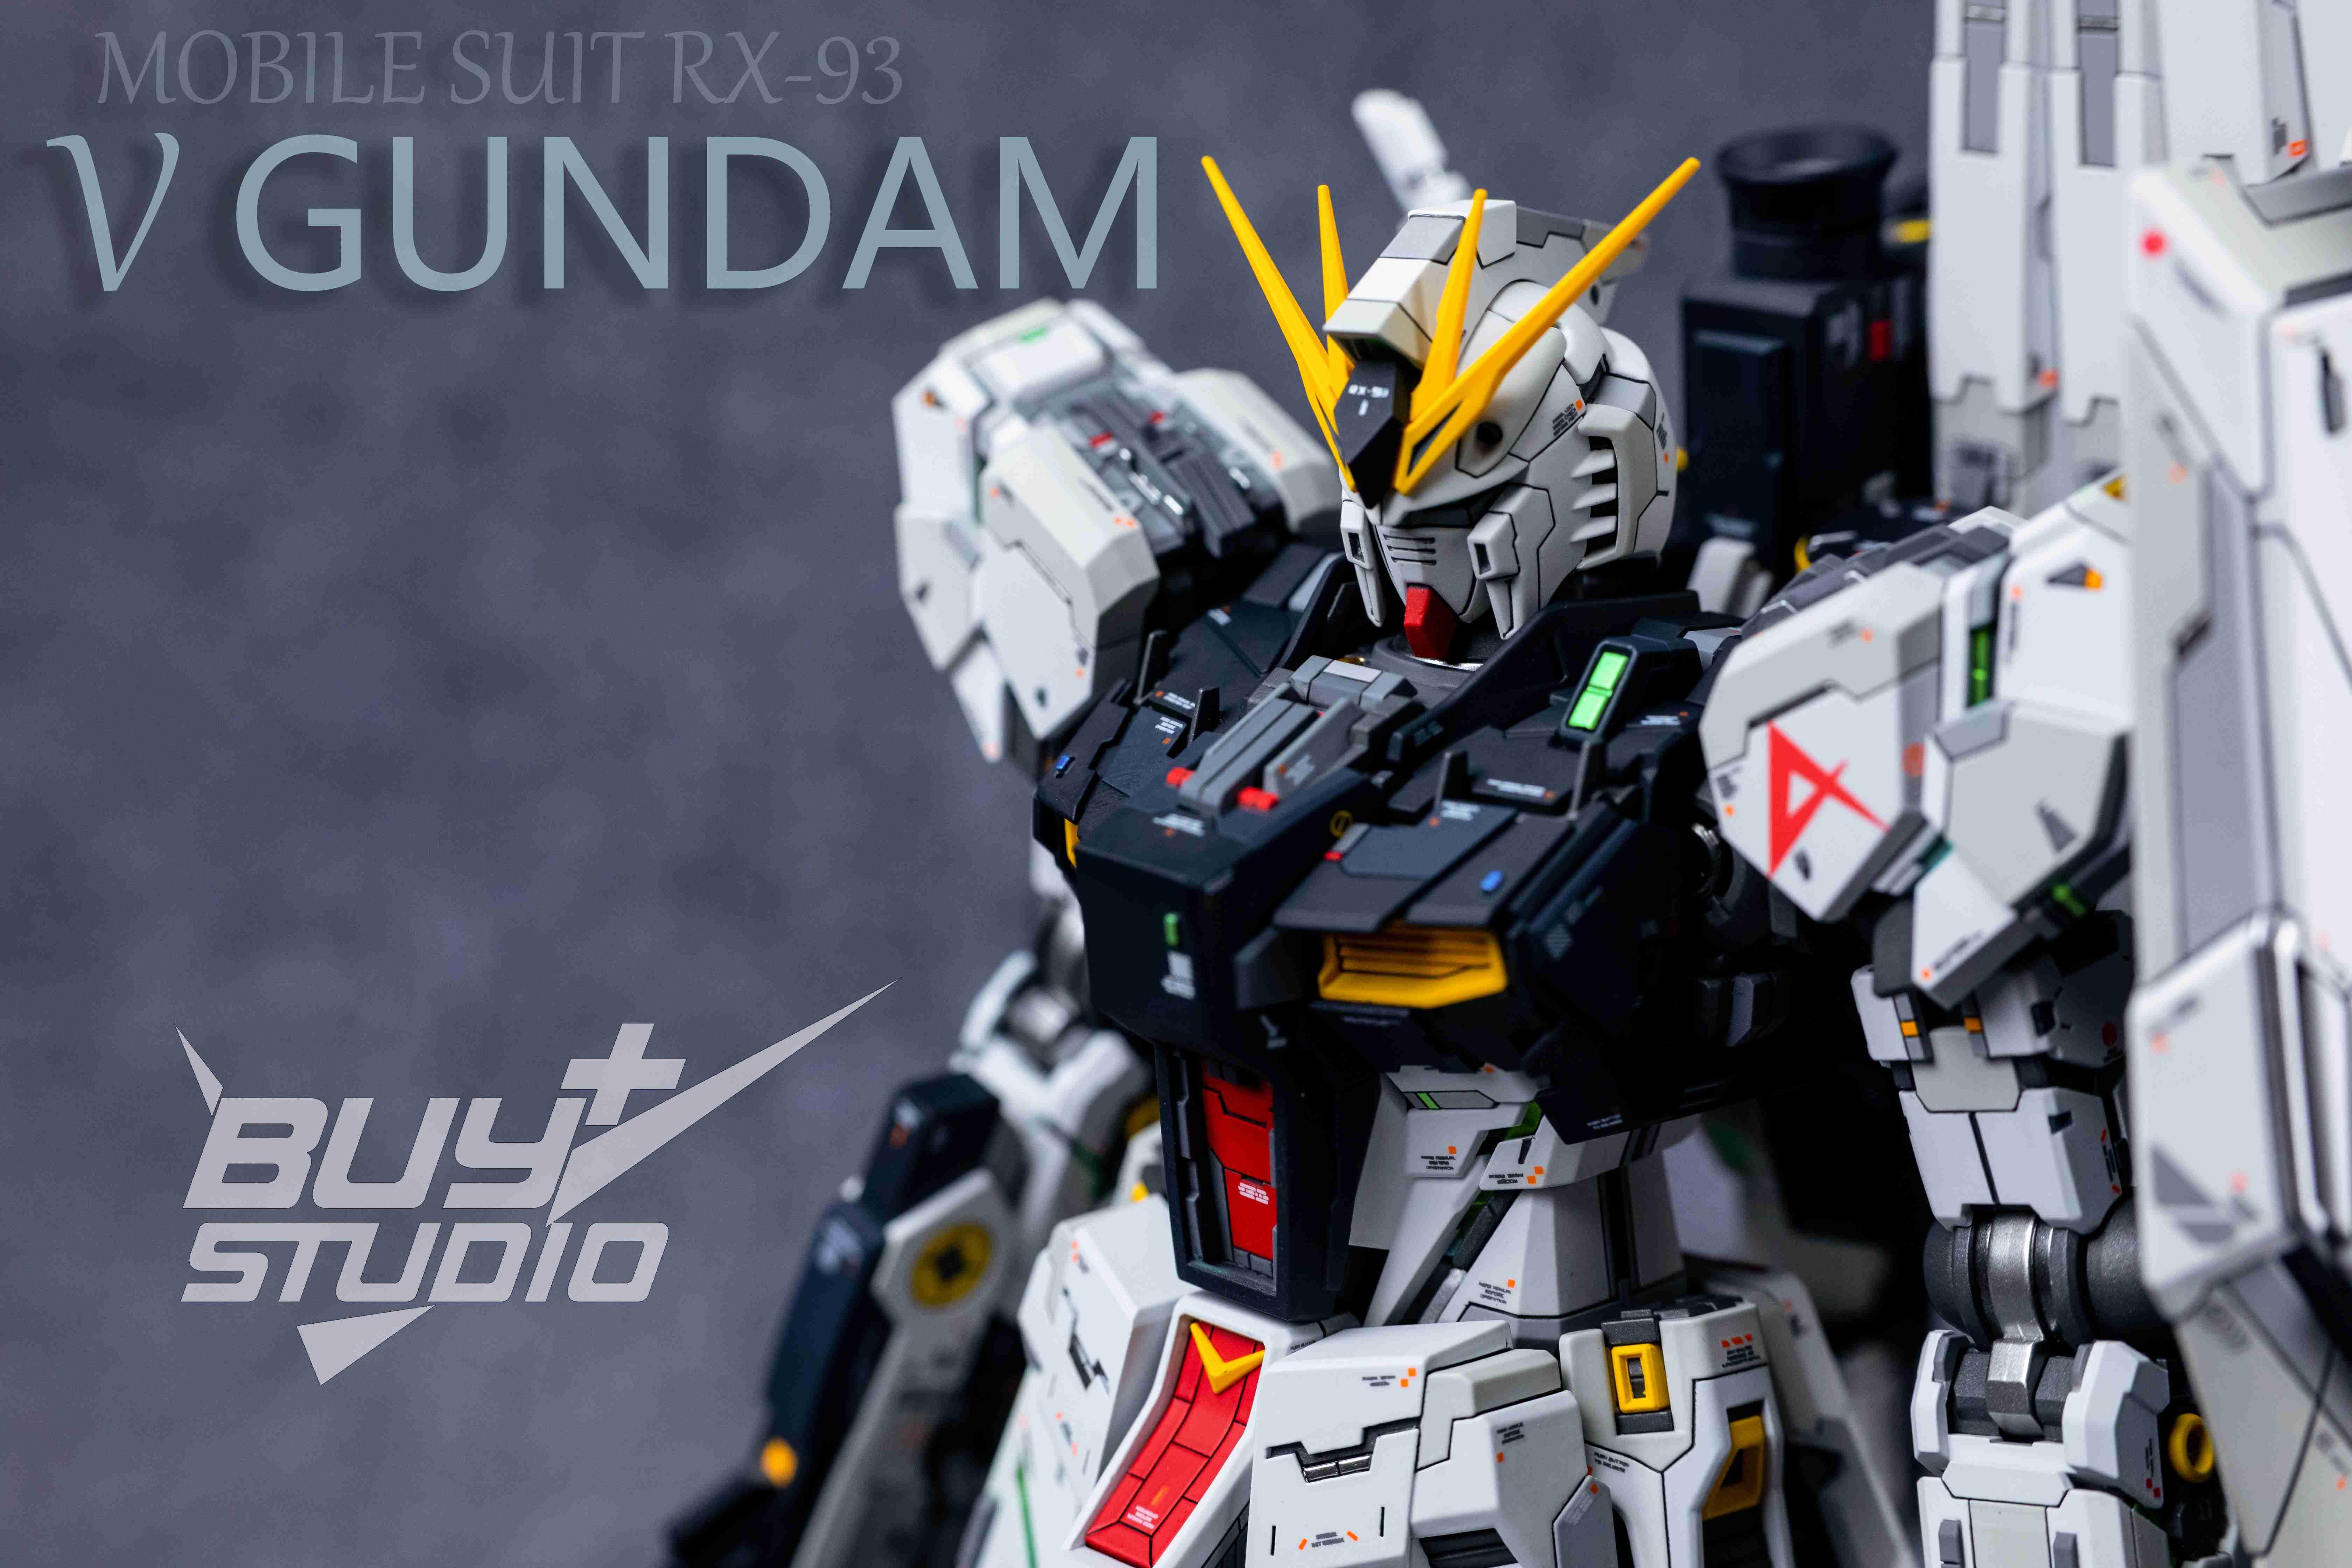 G772_BUY_plus_studio_MG_nu_001.jpg